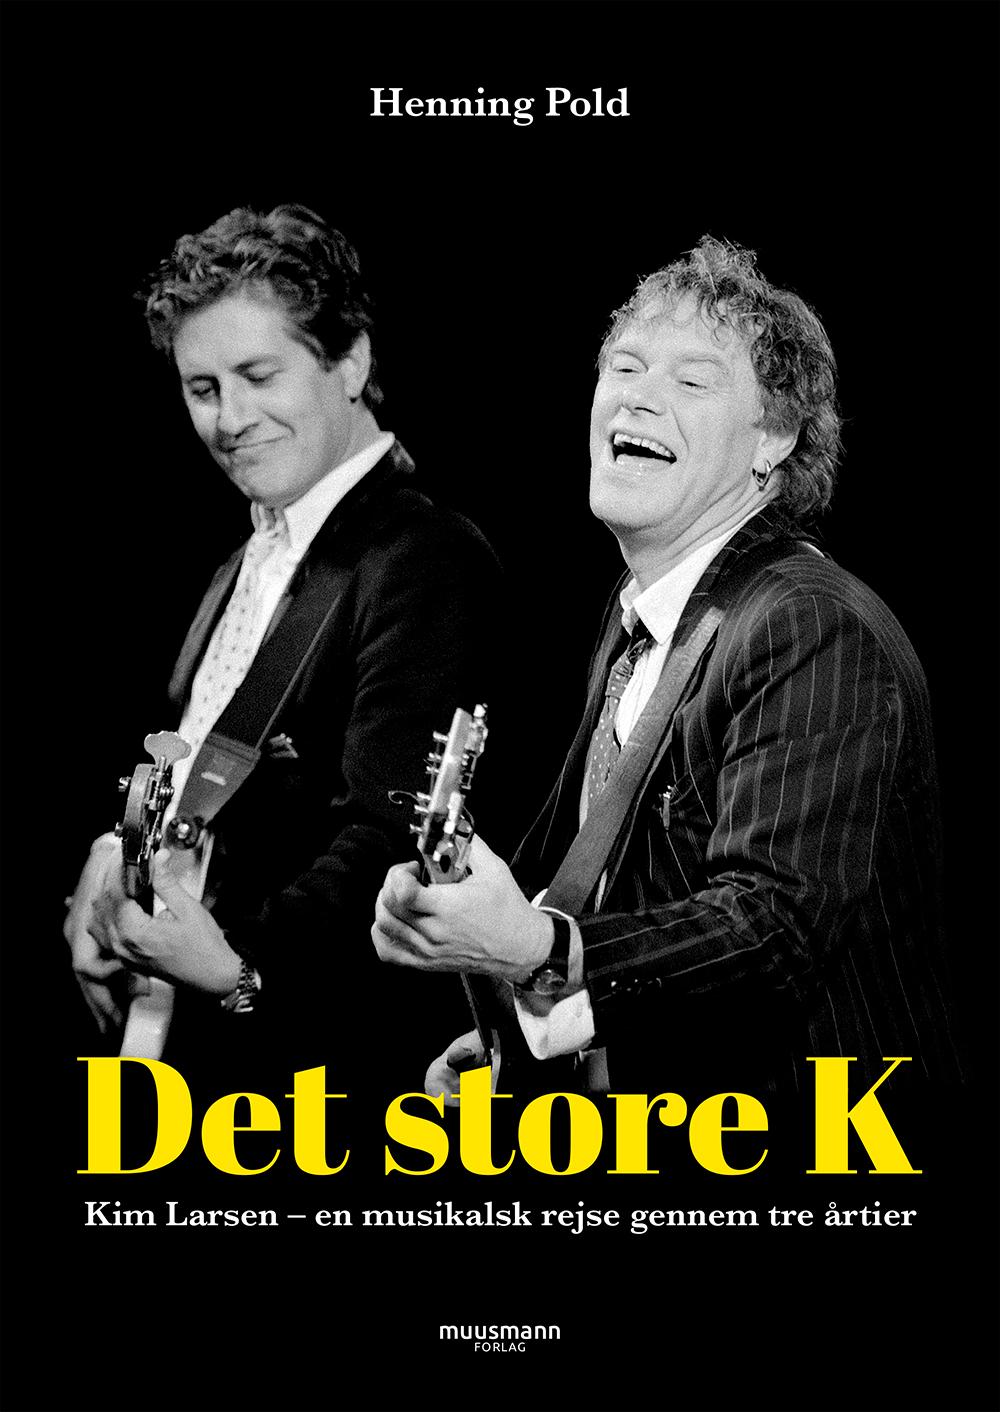 Det store K - Henning Pold - Bøger - Muusmann Forlag - 9788793679993 - September 20, 2019